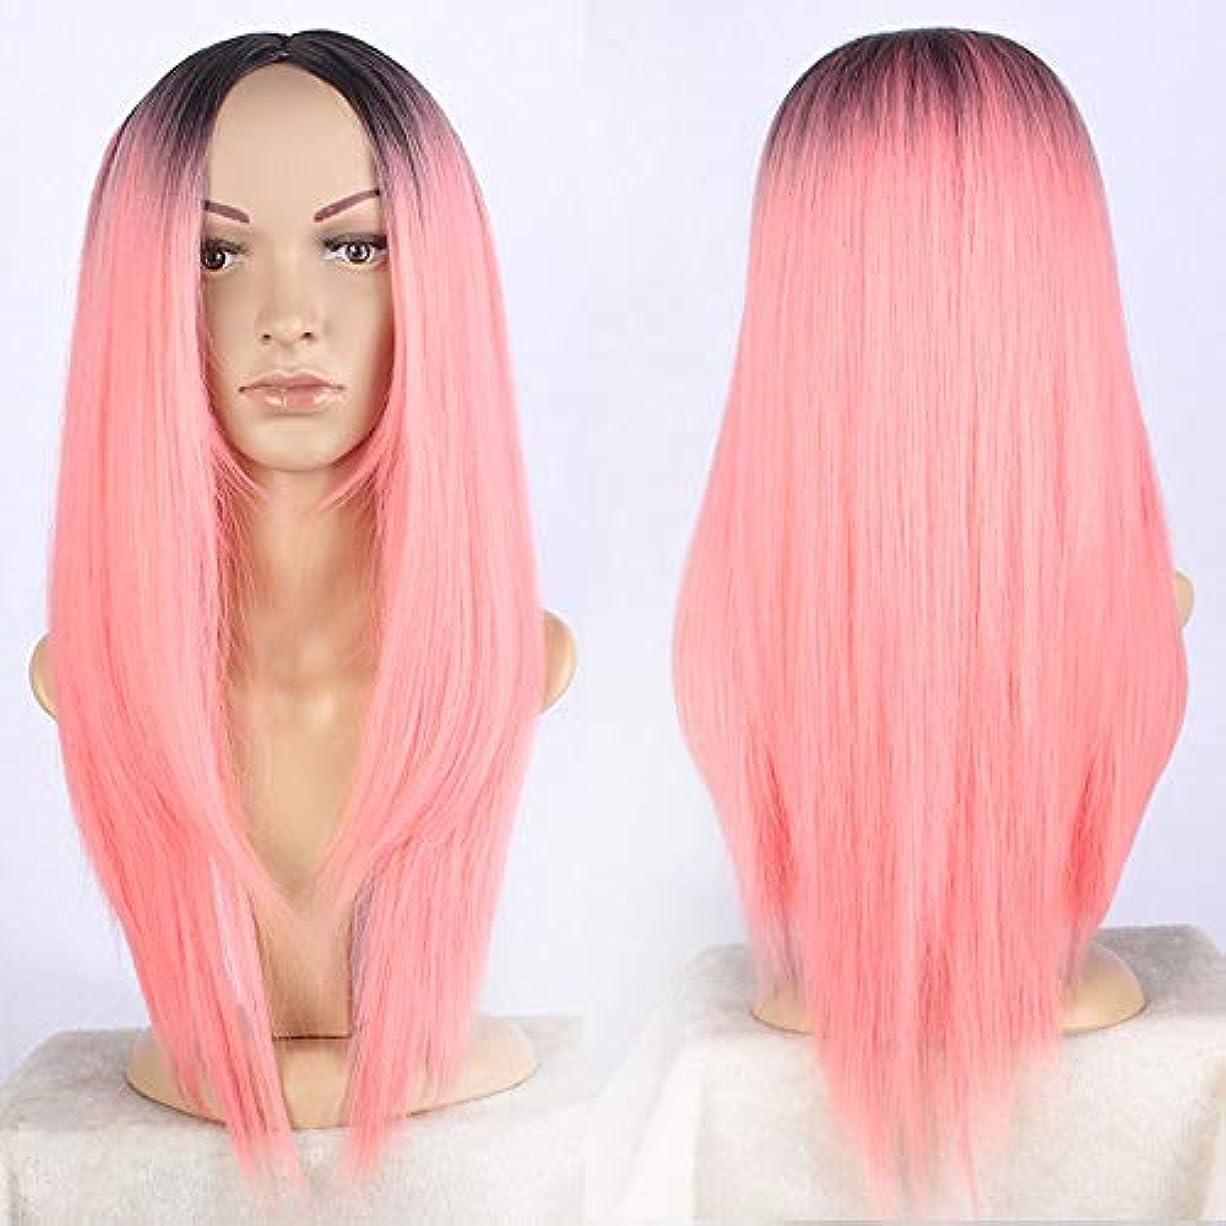 間に合わせオークエスカレートWASAIO 女性のためのピンクのかつらダークルーツ自然に見えるストレートフルウィッグデイリードレス耐熱ブロンドアクセサリーヘアスタイルの交換 (色 : ピンク)